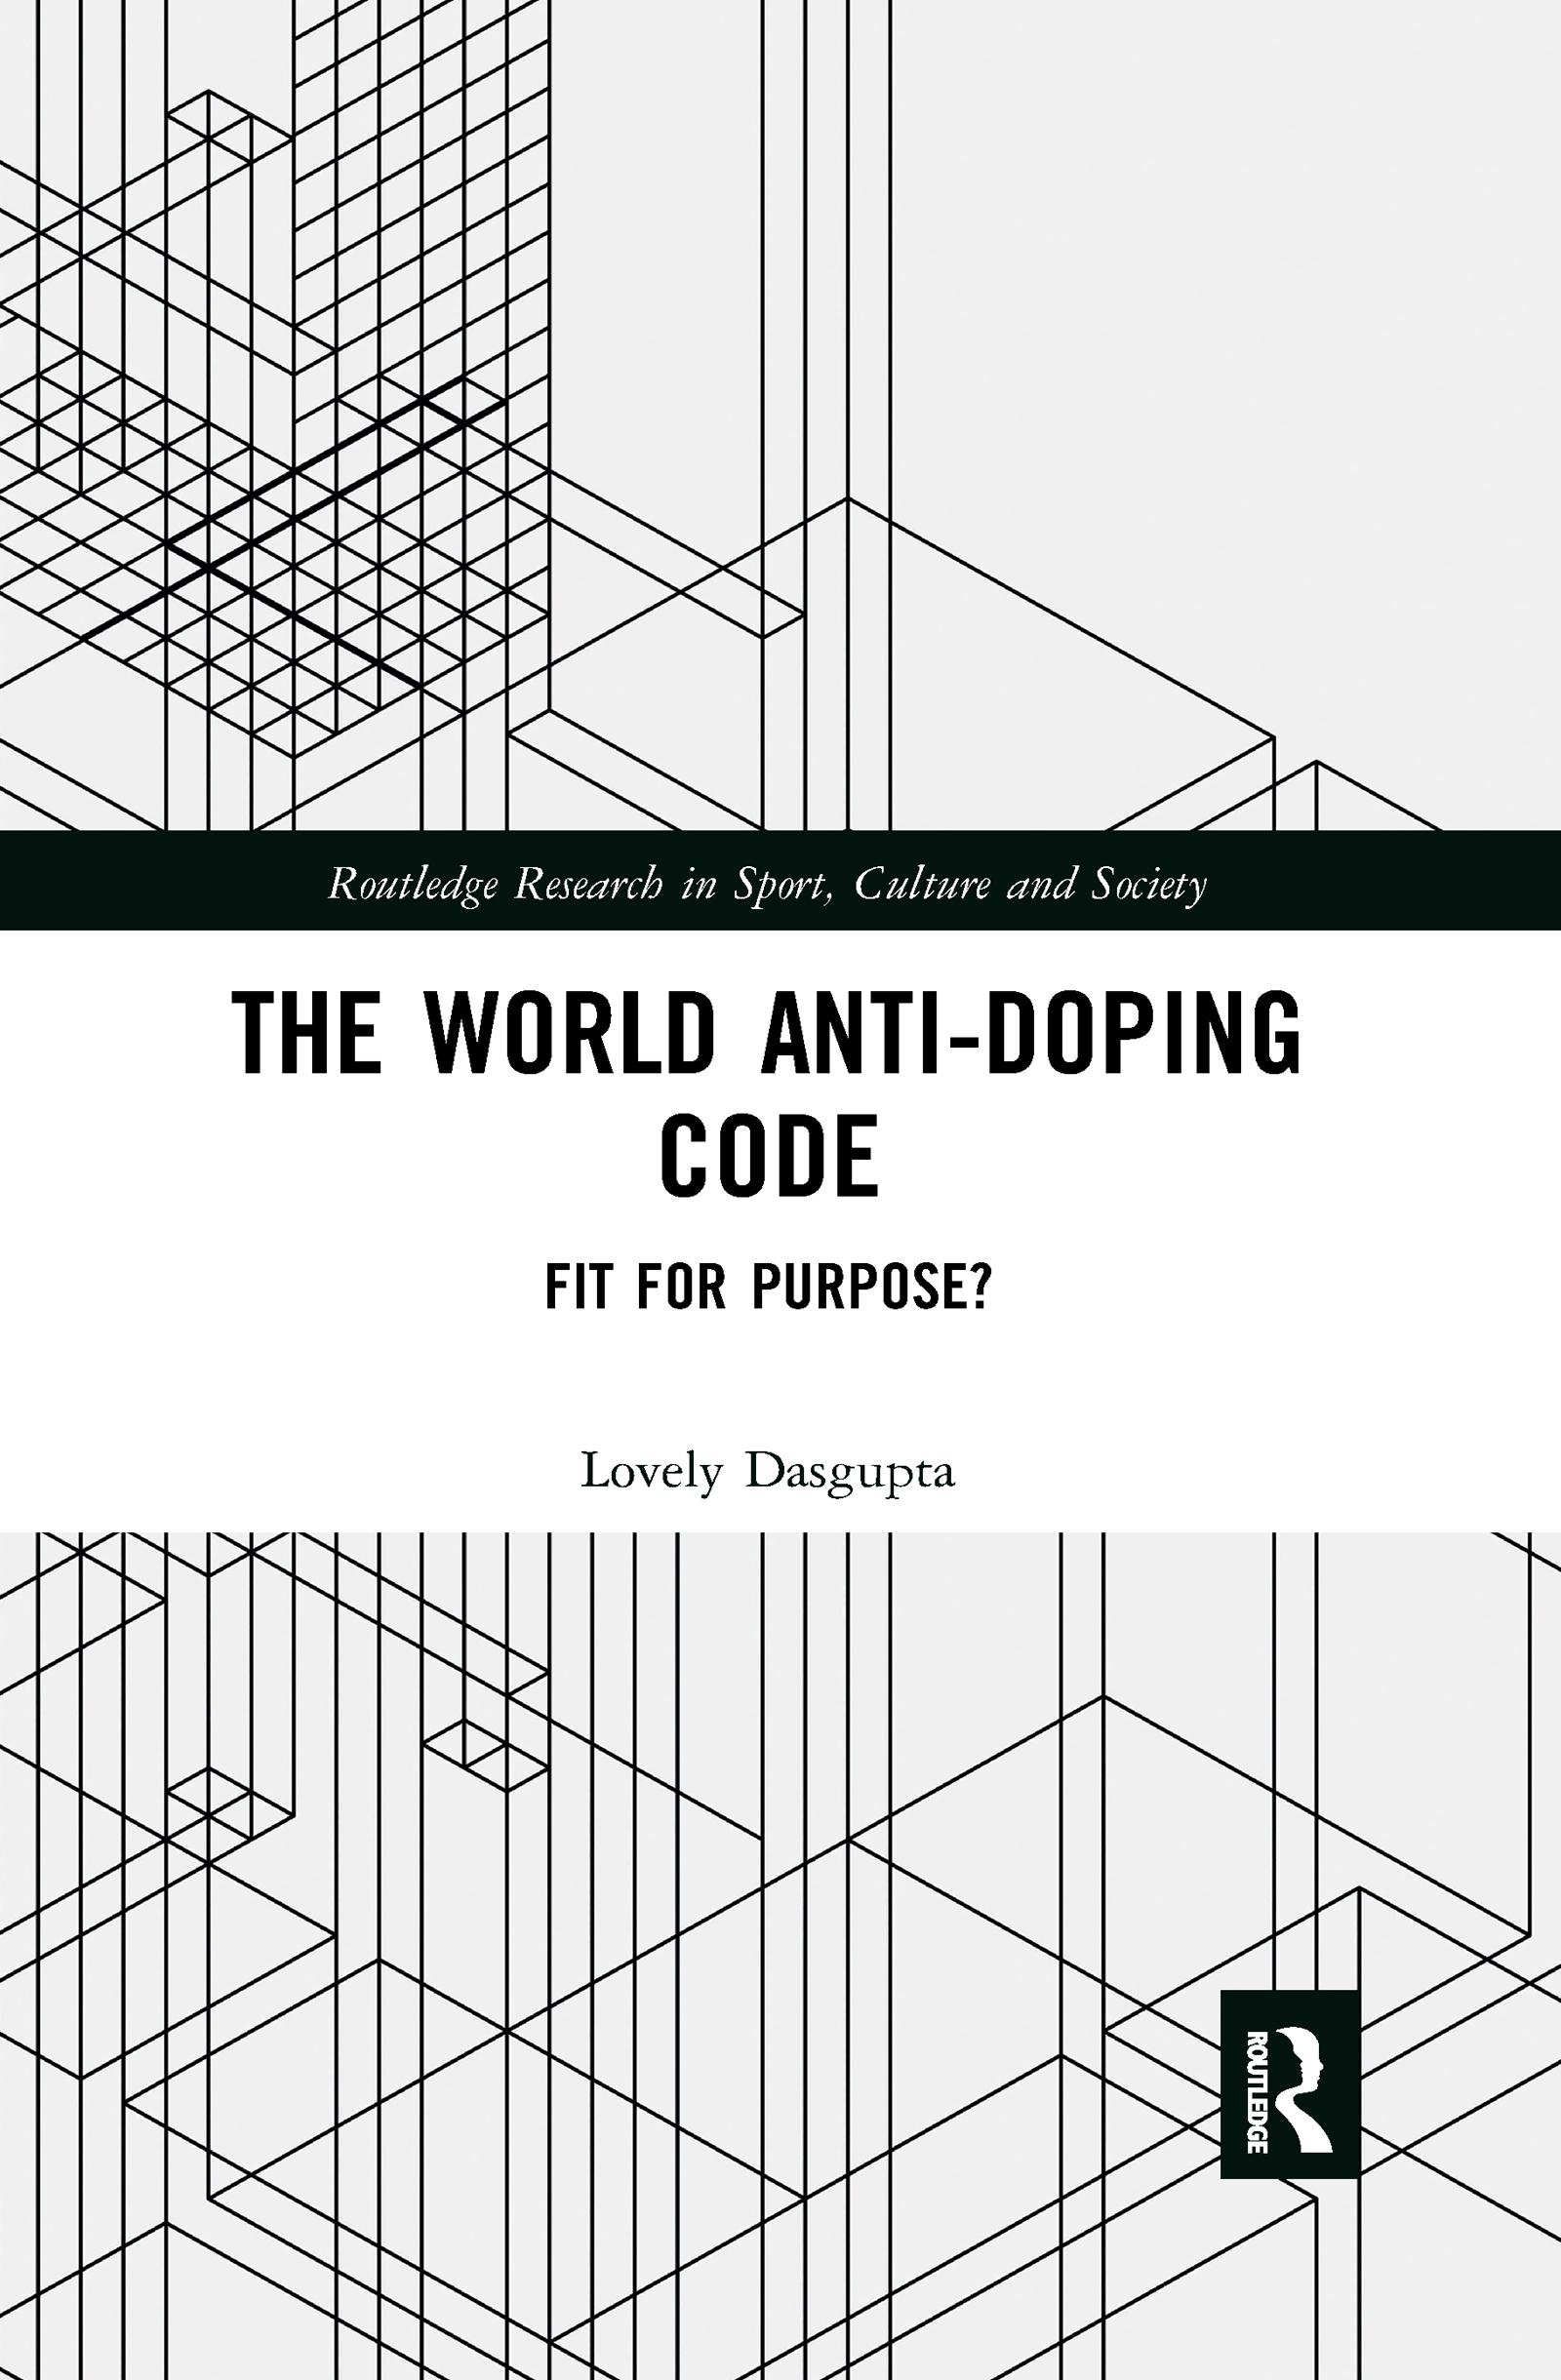 The World Anti-Doping Code